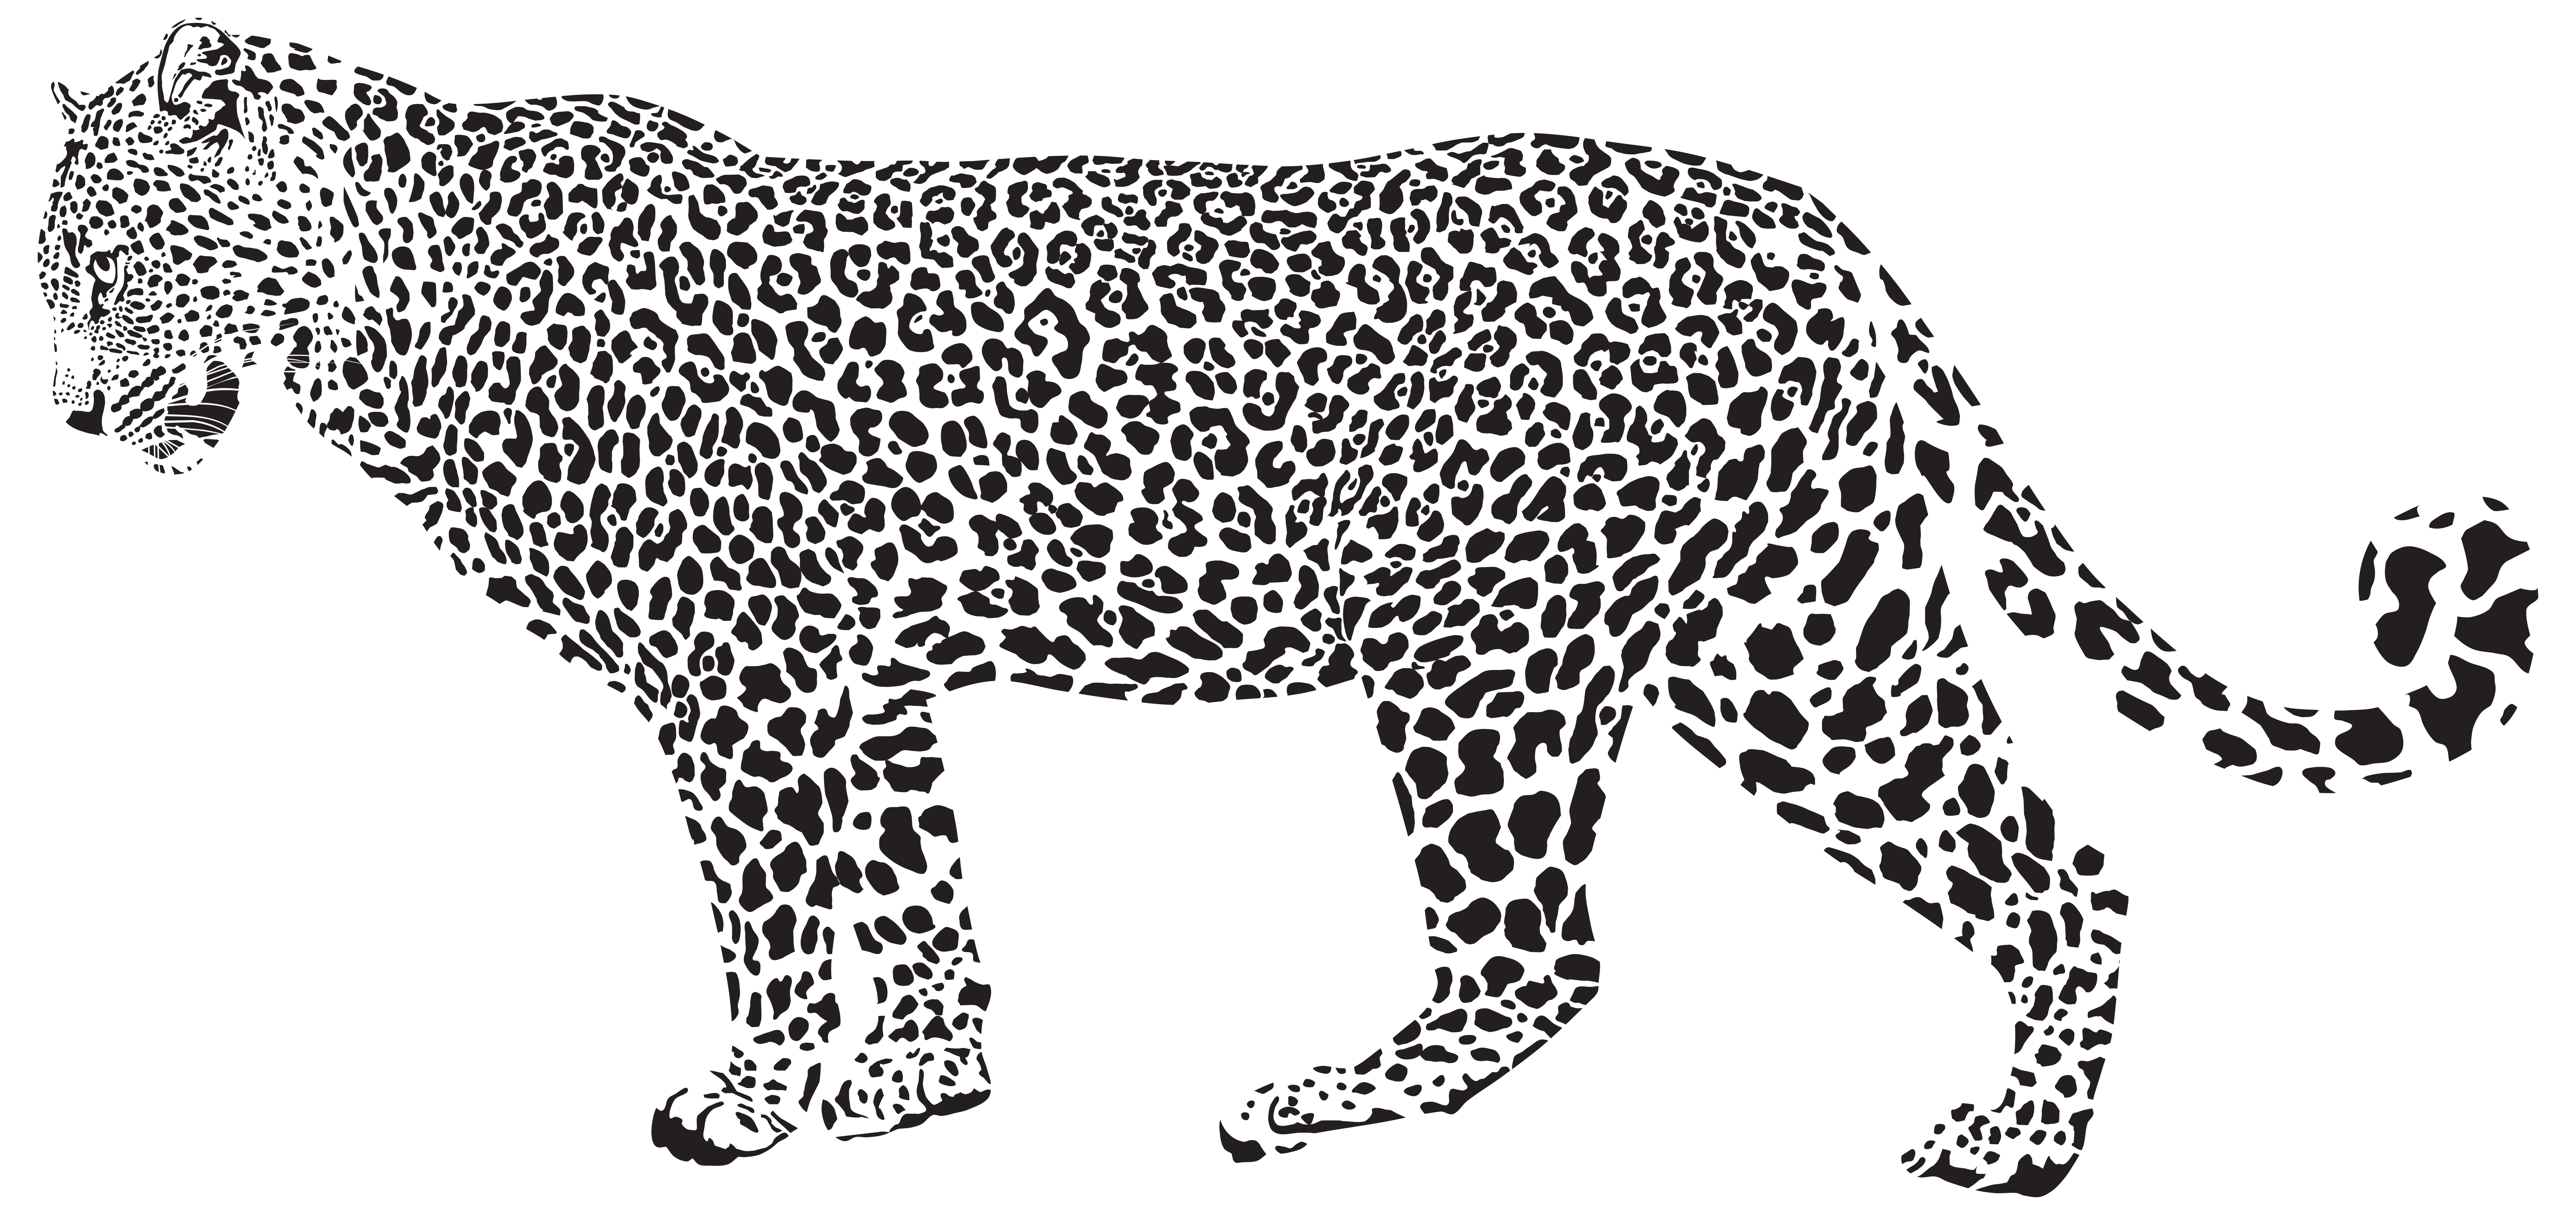 Female clipart jaguar. Silhouette png transparent clip